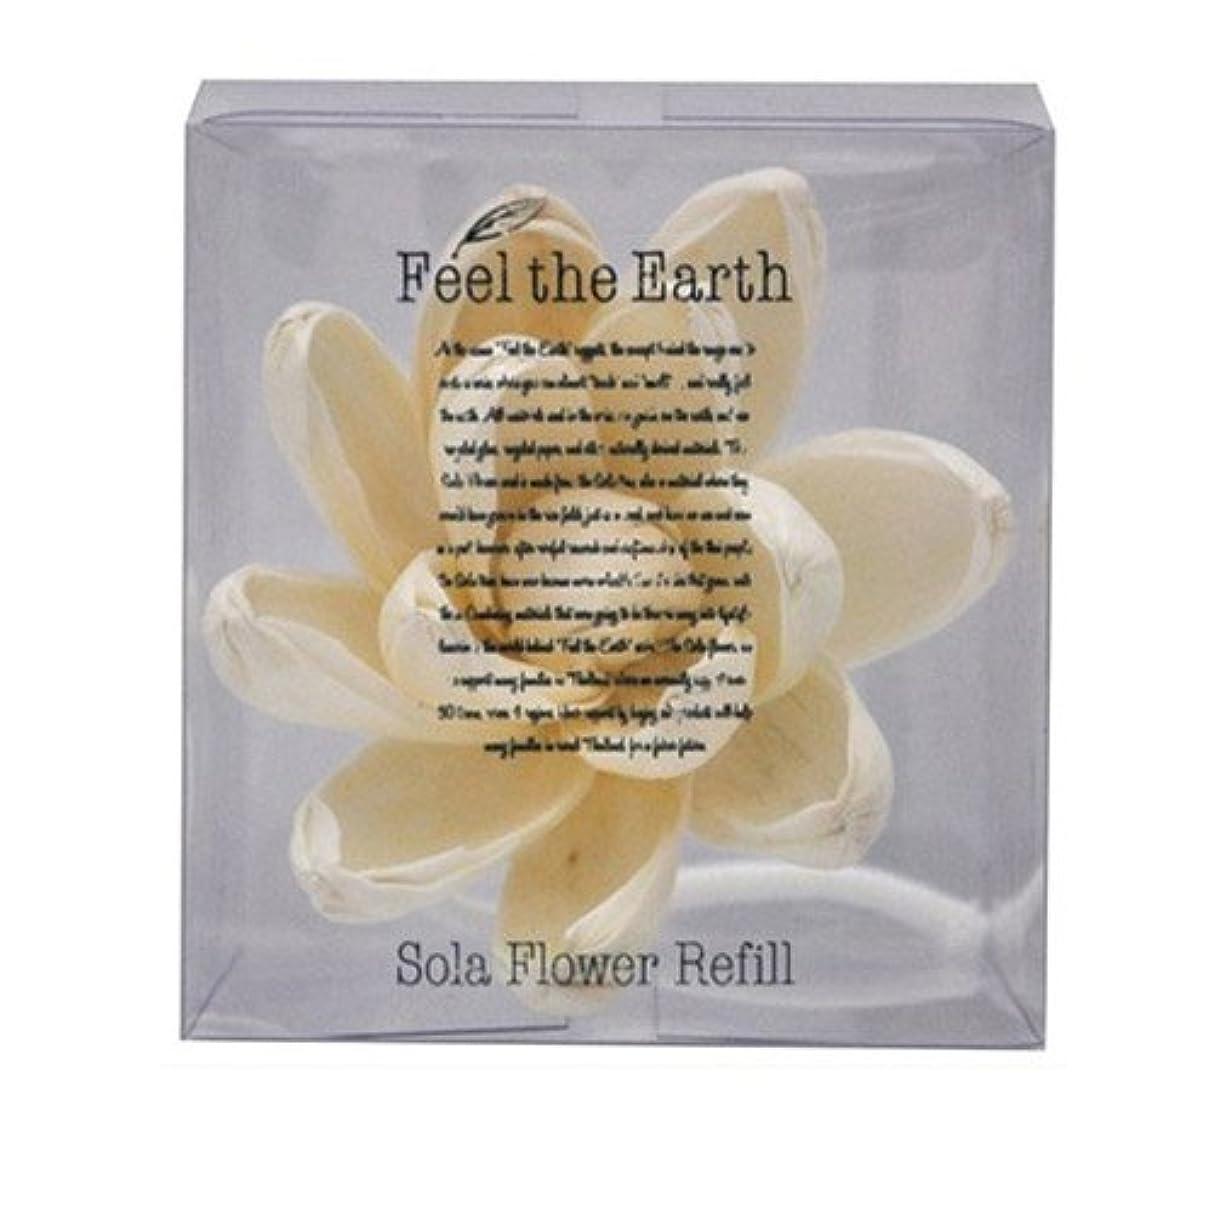 制裁論理的に聞きますFEEL THE EARTH ソラフラワー リフィル リリーマグノリア Lily Magnolia フィール ジ アース